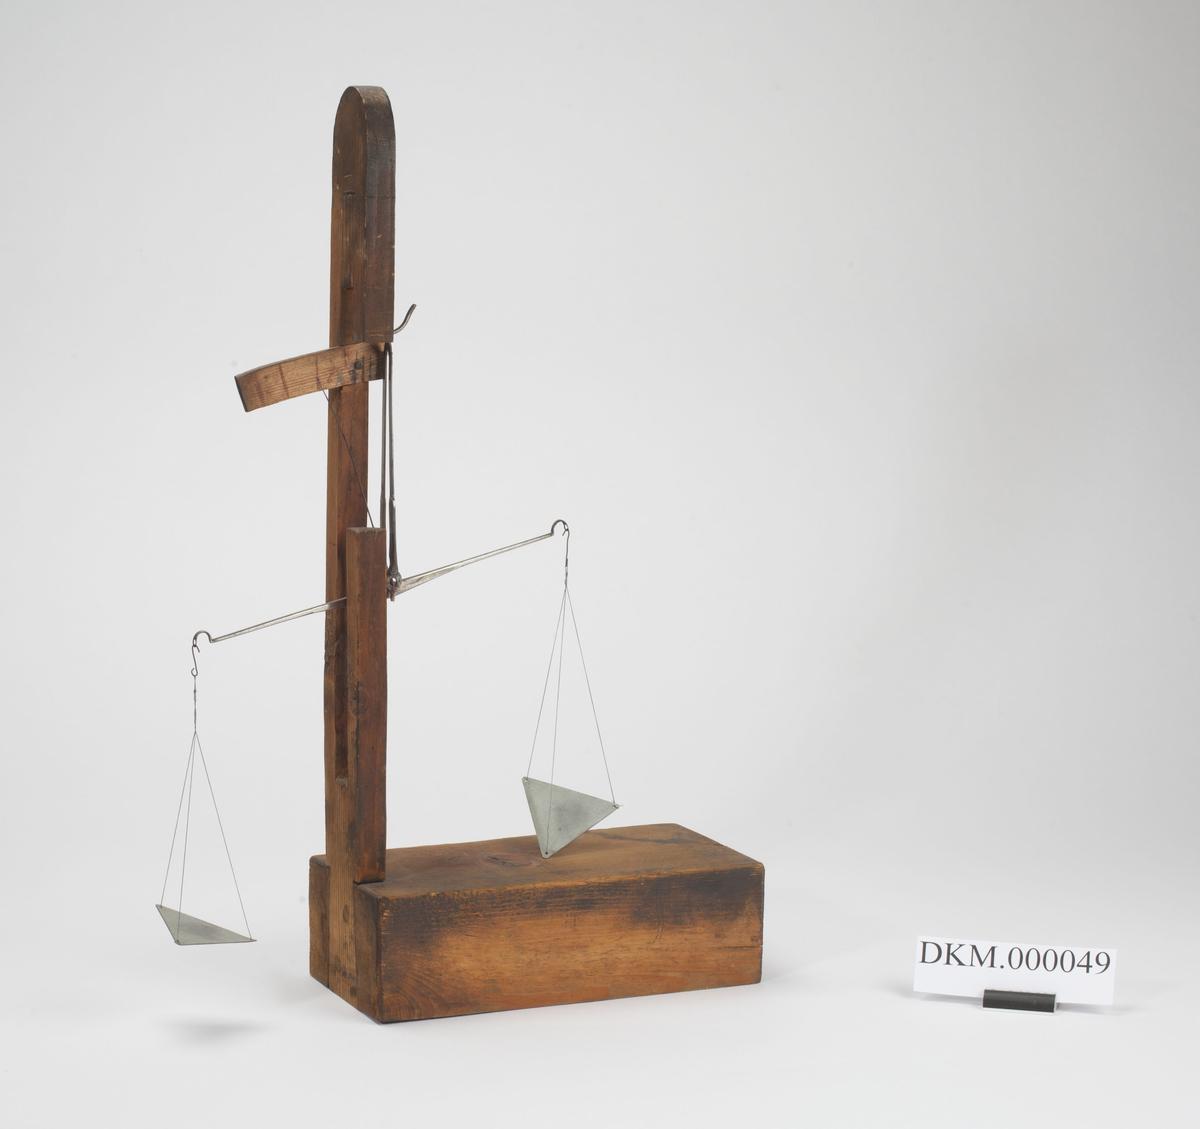 På en rektangulær trekasse er det festet en stang, og på den er vekten hengt. Vekten har to sett skåler som er flate og trekantformede. Skalaen er tegnet for hånd på ett trestykke som er innfelt i stanga.